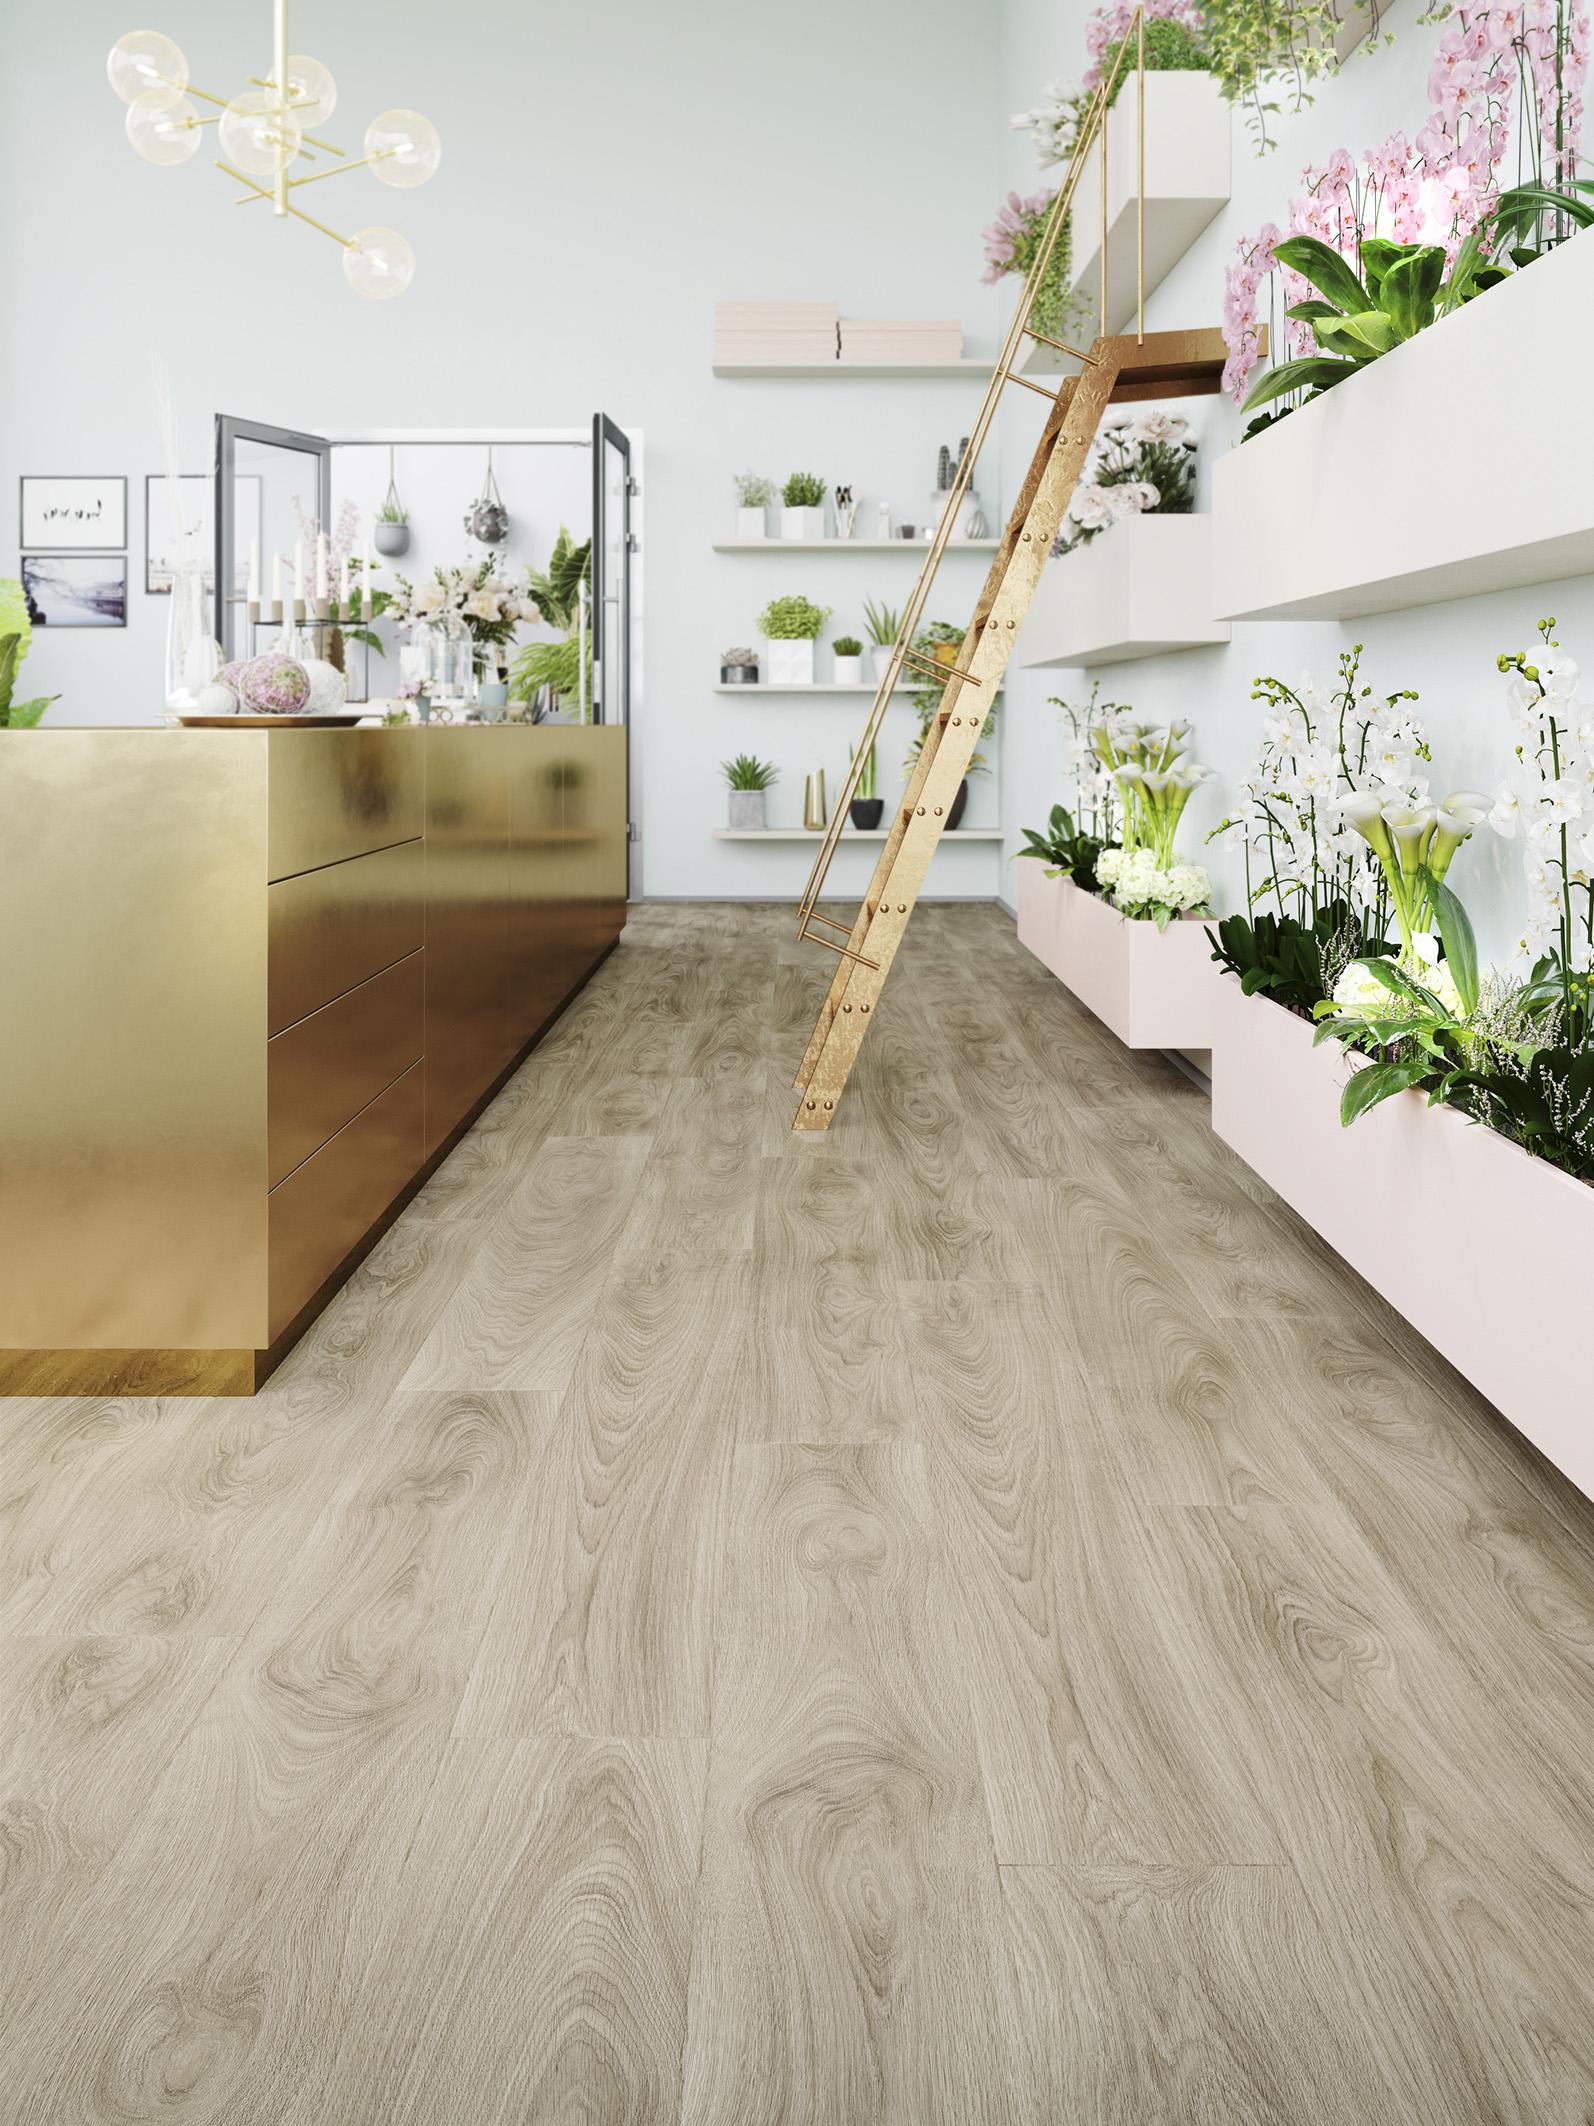 De 'Naturally Impressive Floors' van Moduleo lijken als het ware uit de natuur geplukt. Deze vloeren staan stuk voor stuk voor een aparte beleving, waarbij je zelfs de diepte van de groeven, lijnen en knoesten voelt. Laurel Oak (foto) straalt rust, elegantie en gezelligheid uit. #moduleo #pvc #vloeren #houtlook #pvcvloer